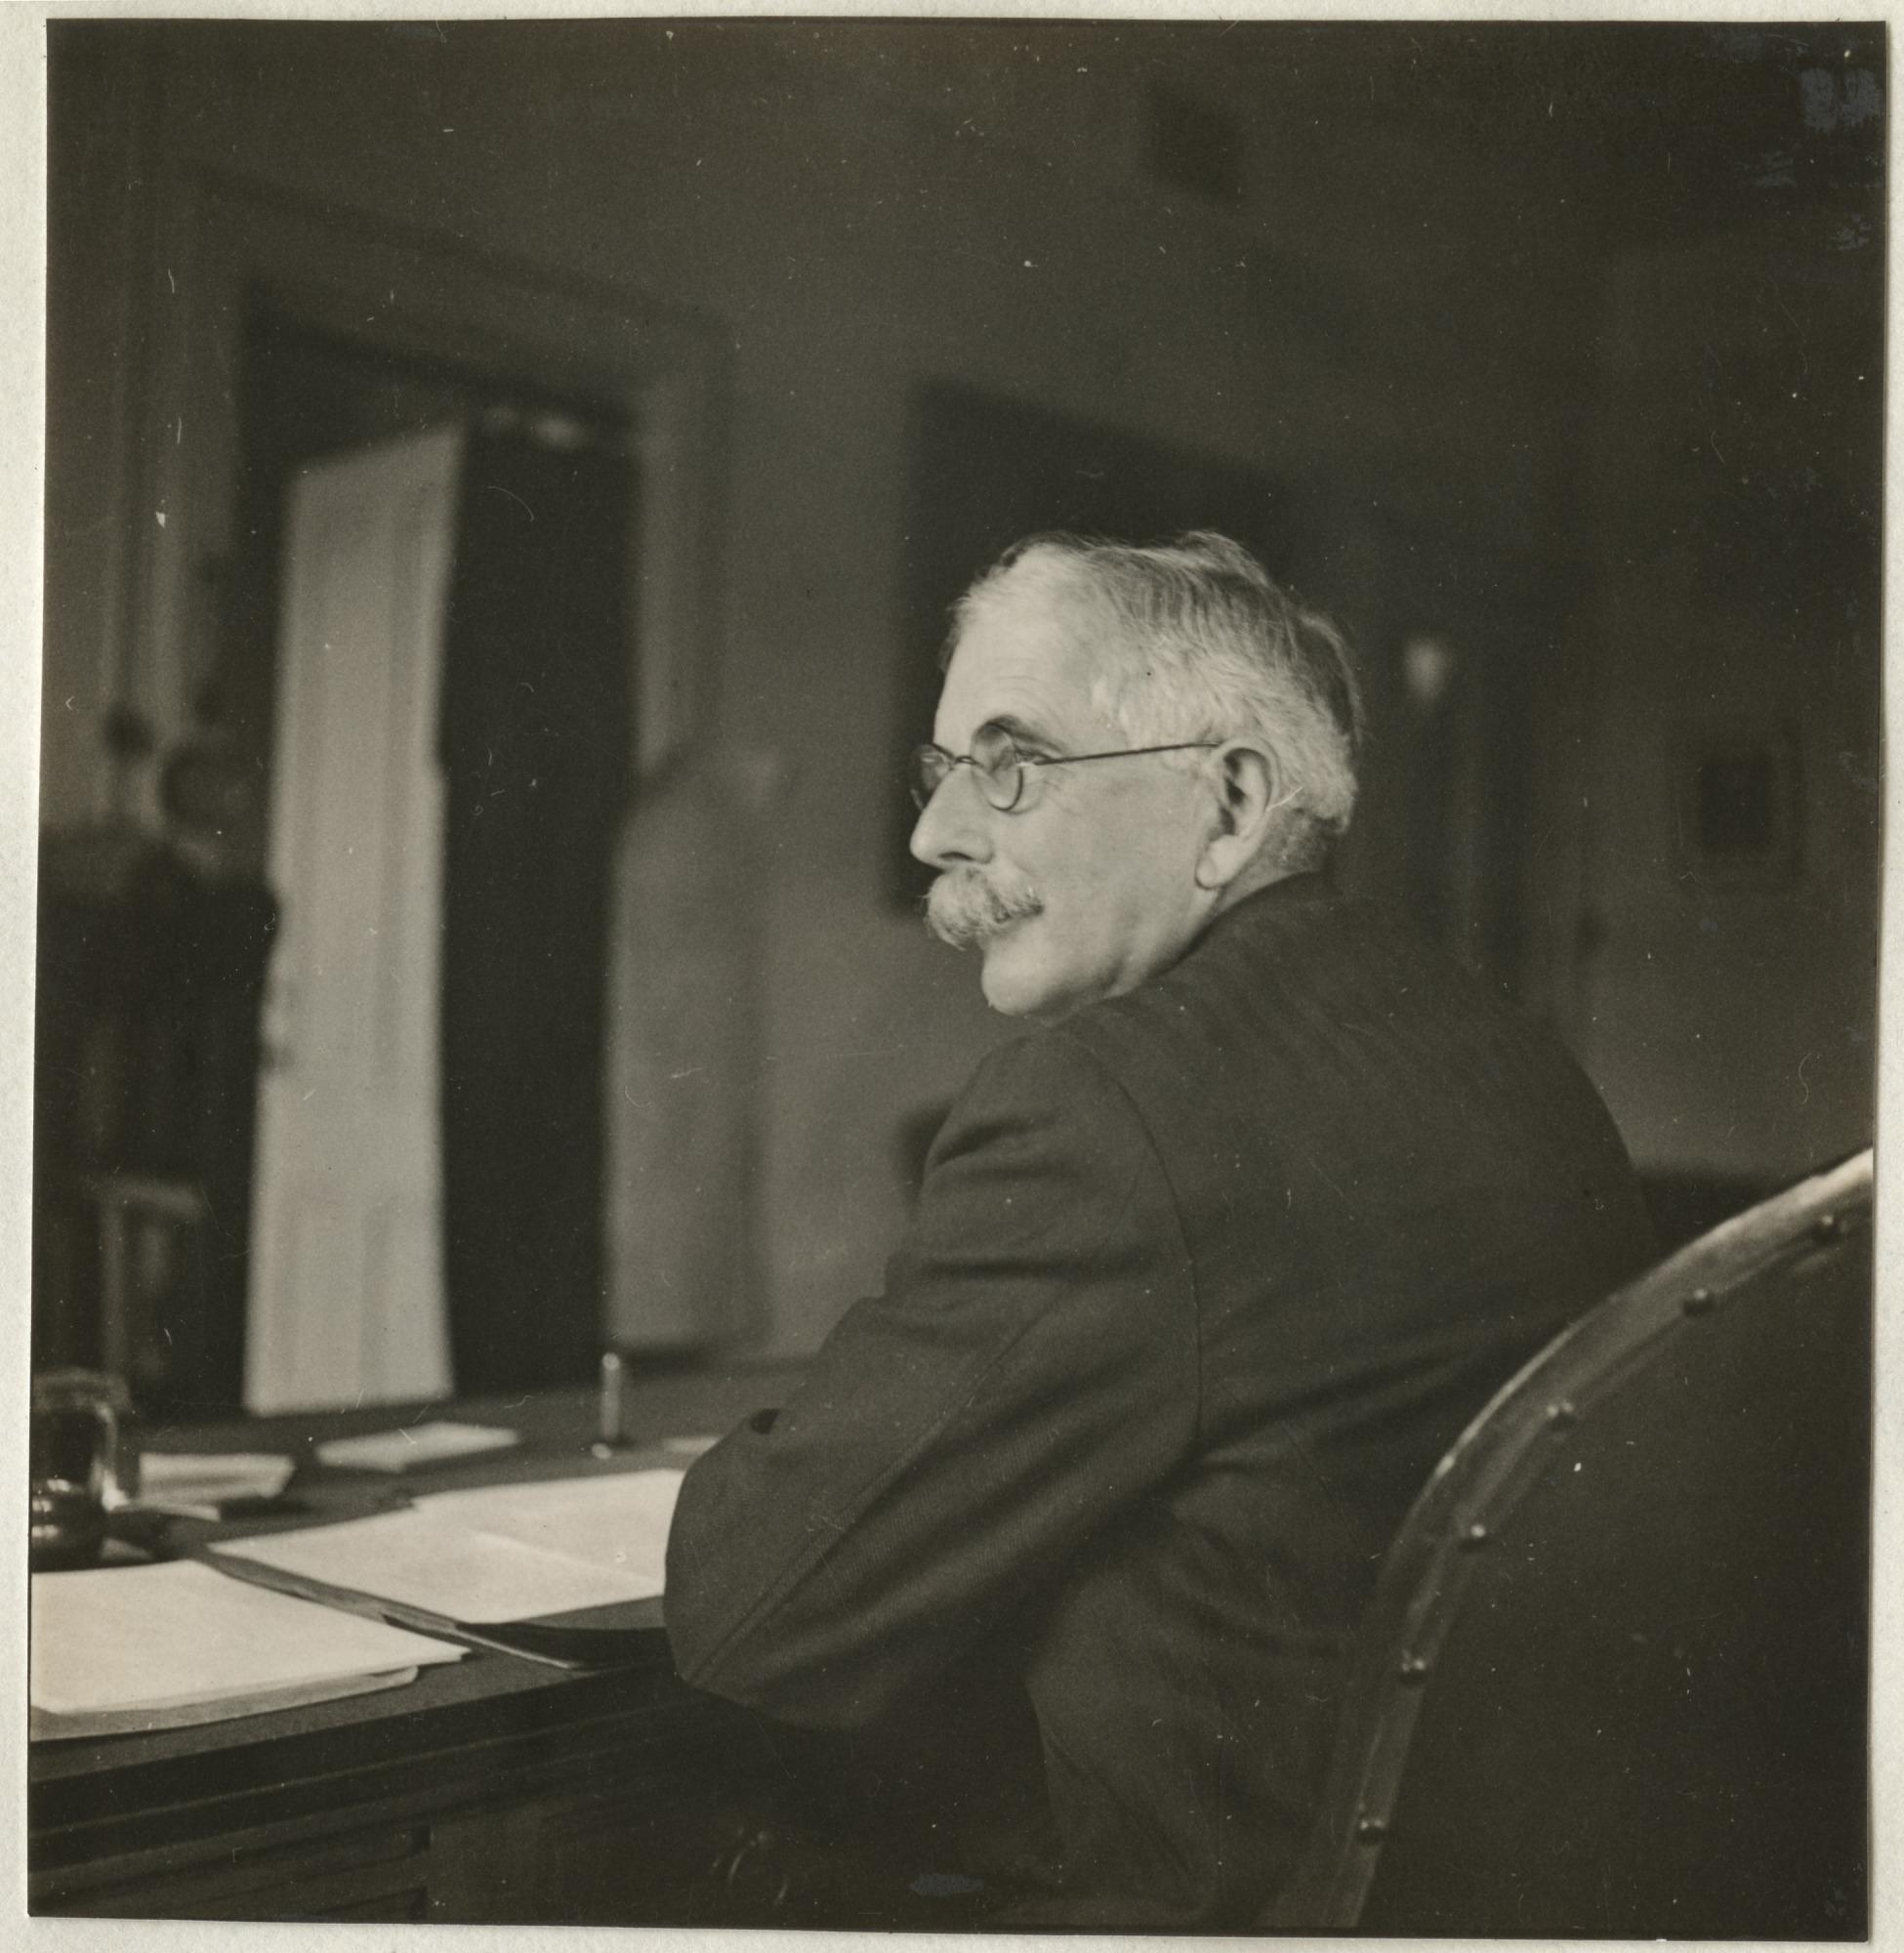 Dr. Charles G. Abbot